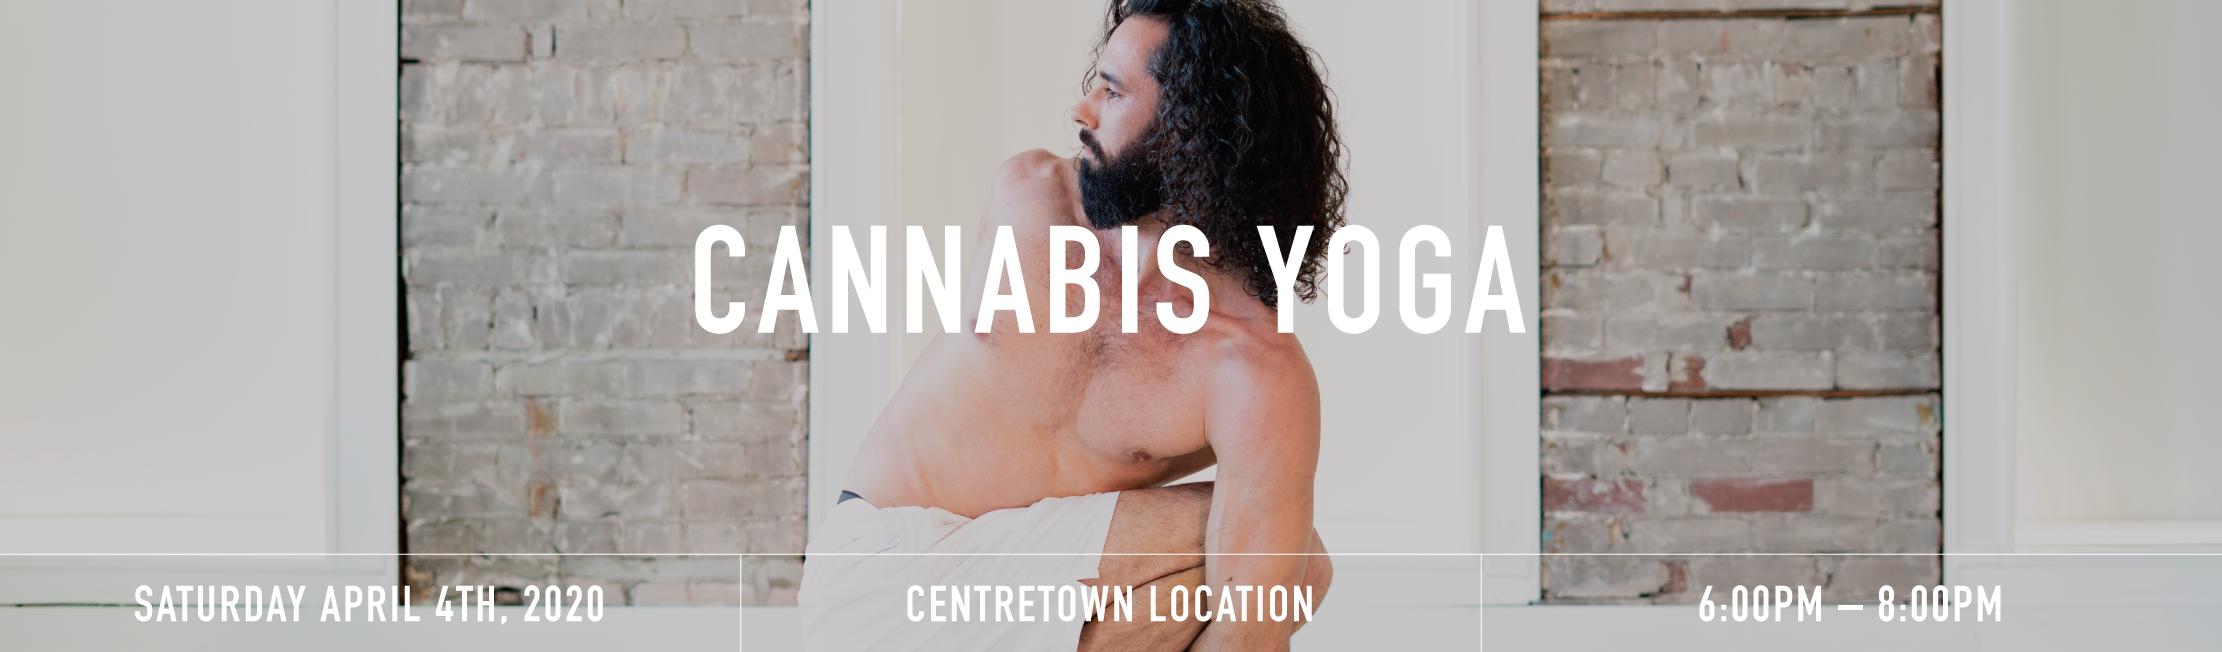 Cannabis yoga banner 2